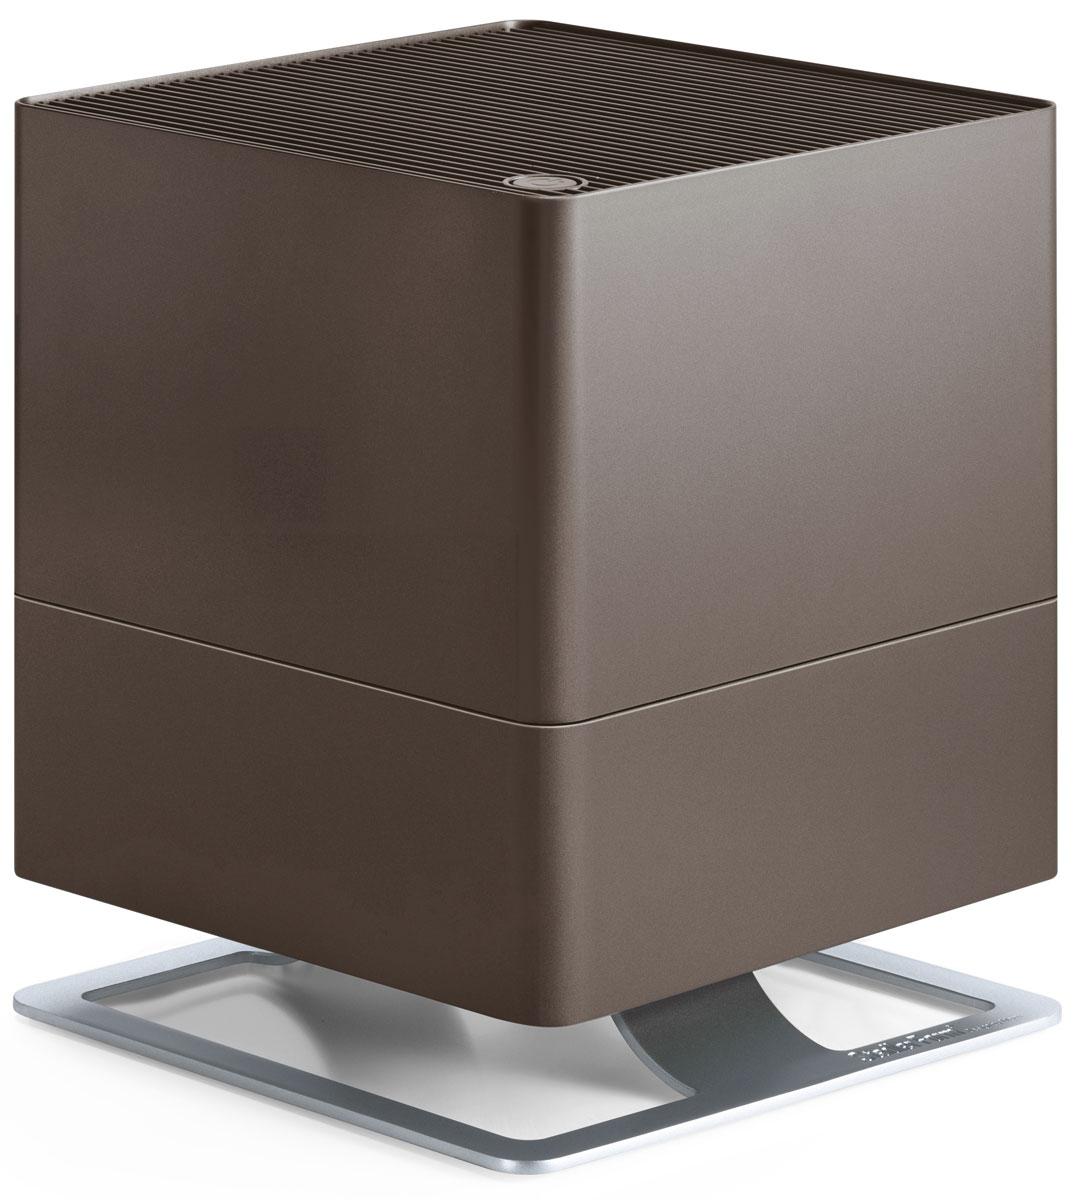 Stadler Form Oskar, Bronze увлажнитель воздуха0802322005561Поддержание оптимального уровня влажности – актуальная необходимость для помещений, где работают кондиционеры, отопительные приборы, для оранжерей и медицинских учреждений. Stadler Form Oskar – это идеальный выбор, ведь в таких помещениях очень важно сбалансированное сочетание высокой производительности и умеренного энергопотребления. Соблюдение этого баланса – главное достоинство увлажнителя Oskar: при производительности около 300 мл/час, его энергопотребление составляет всего 18 Вт. Это соответствует его работе на максимальной мощности, что позволяет за короткий срок значительно повысить уровень влажности. Дальнейшая работа увлажнителя регулируется двумя параметрами. Во-первых, устанавливается желаемый процент влажности, по достижению которого прибор отключается по команде встроенного гигростата. Во-вторых, из четырех скоростей воздушного потока можно выбрать желаемую вручную, таким образом настроив интенсивность работы вентилятора. Принцип работы...